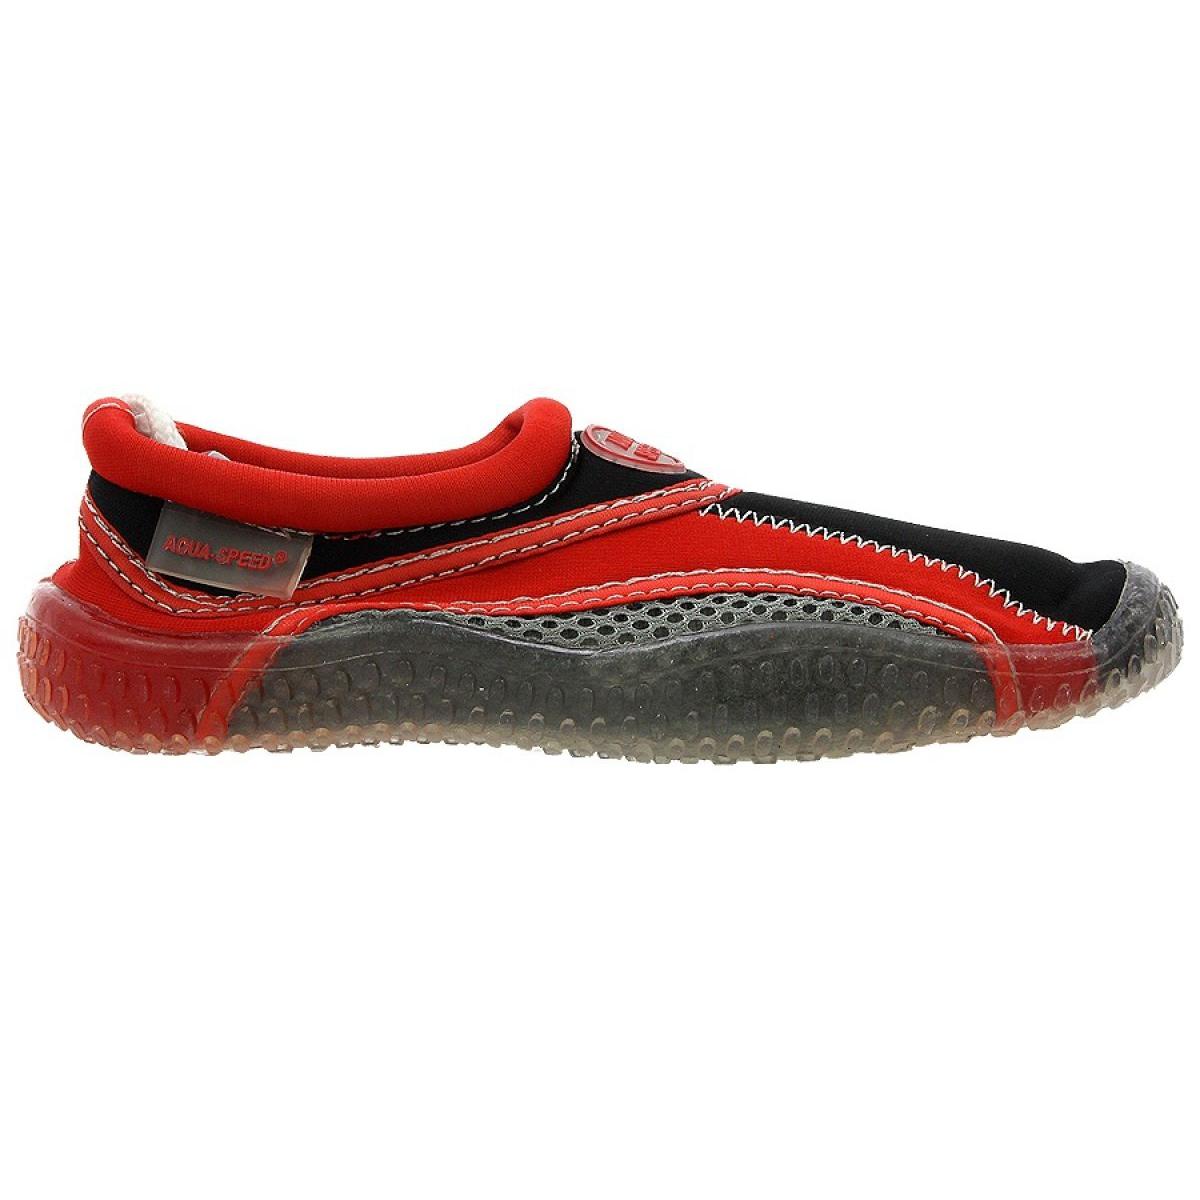 Buty plażowe neoprenowe Aqua Speed Jr czerwono szare ['wielokolorowy']